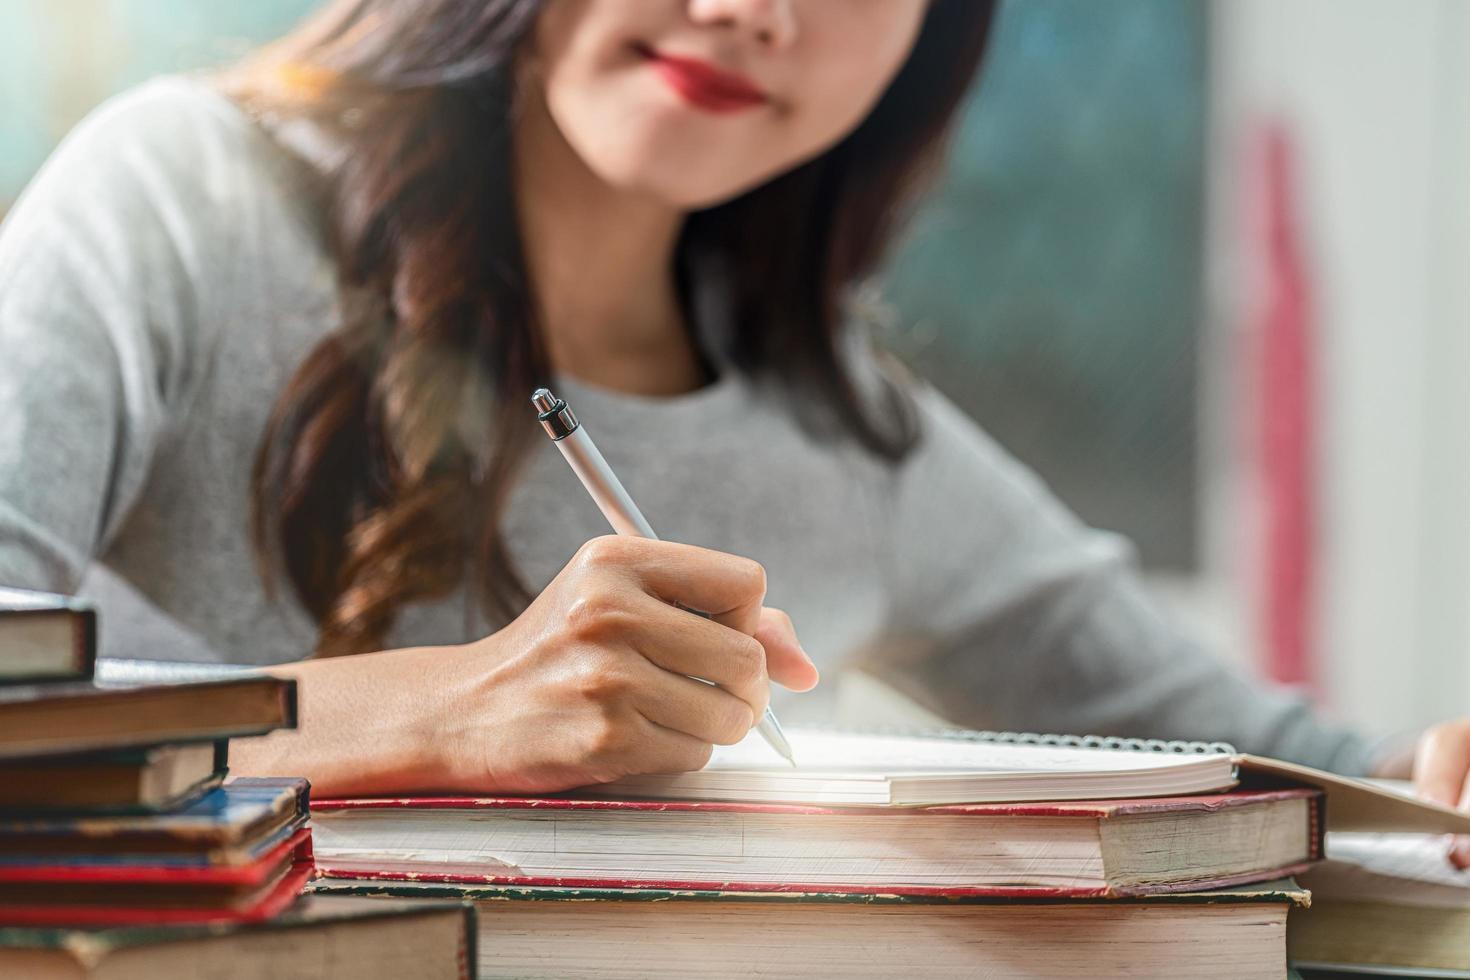 een jonge Aziatische student huiswerk in een bibliotheek foto